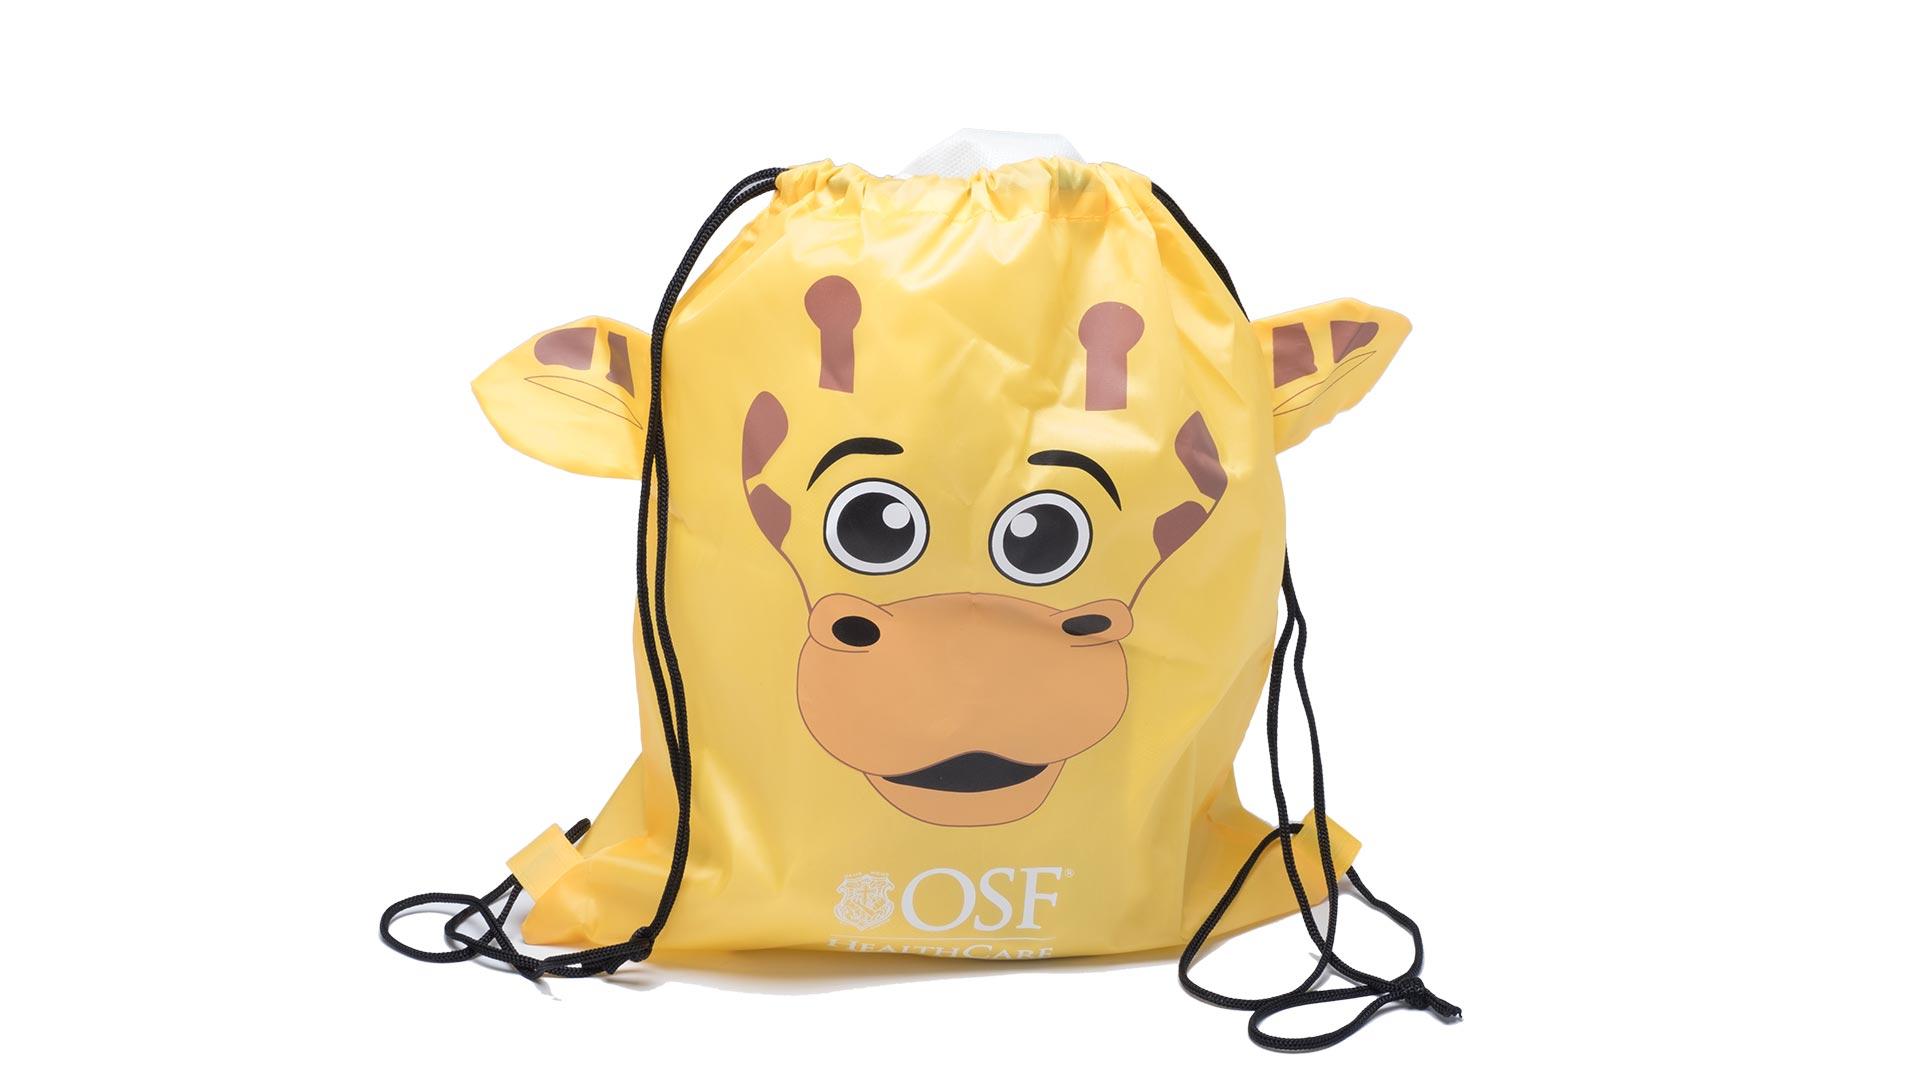 zainetto con raffigurata una giraffa gialla